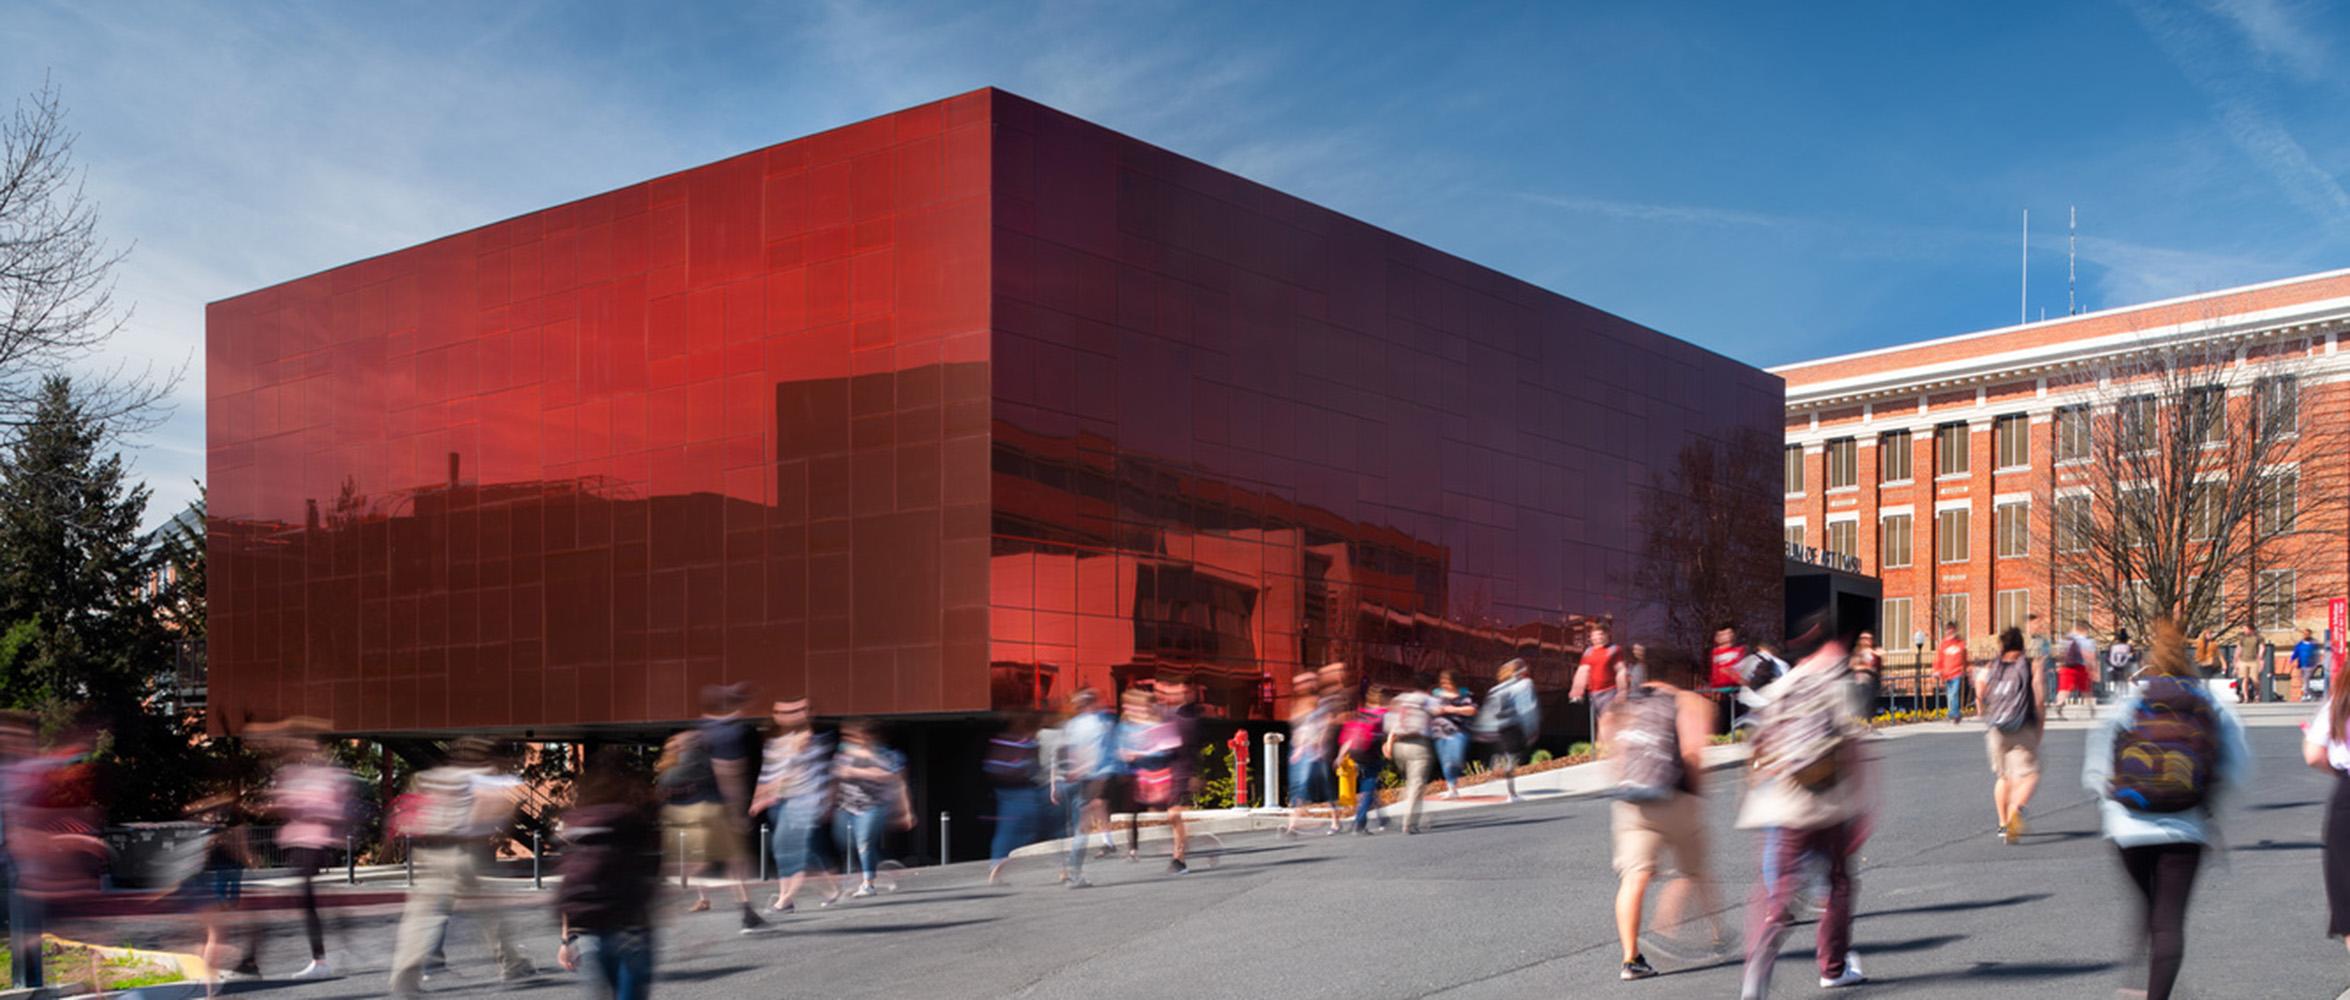 WSU Jordan Schnitzer Museum of Art